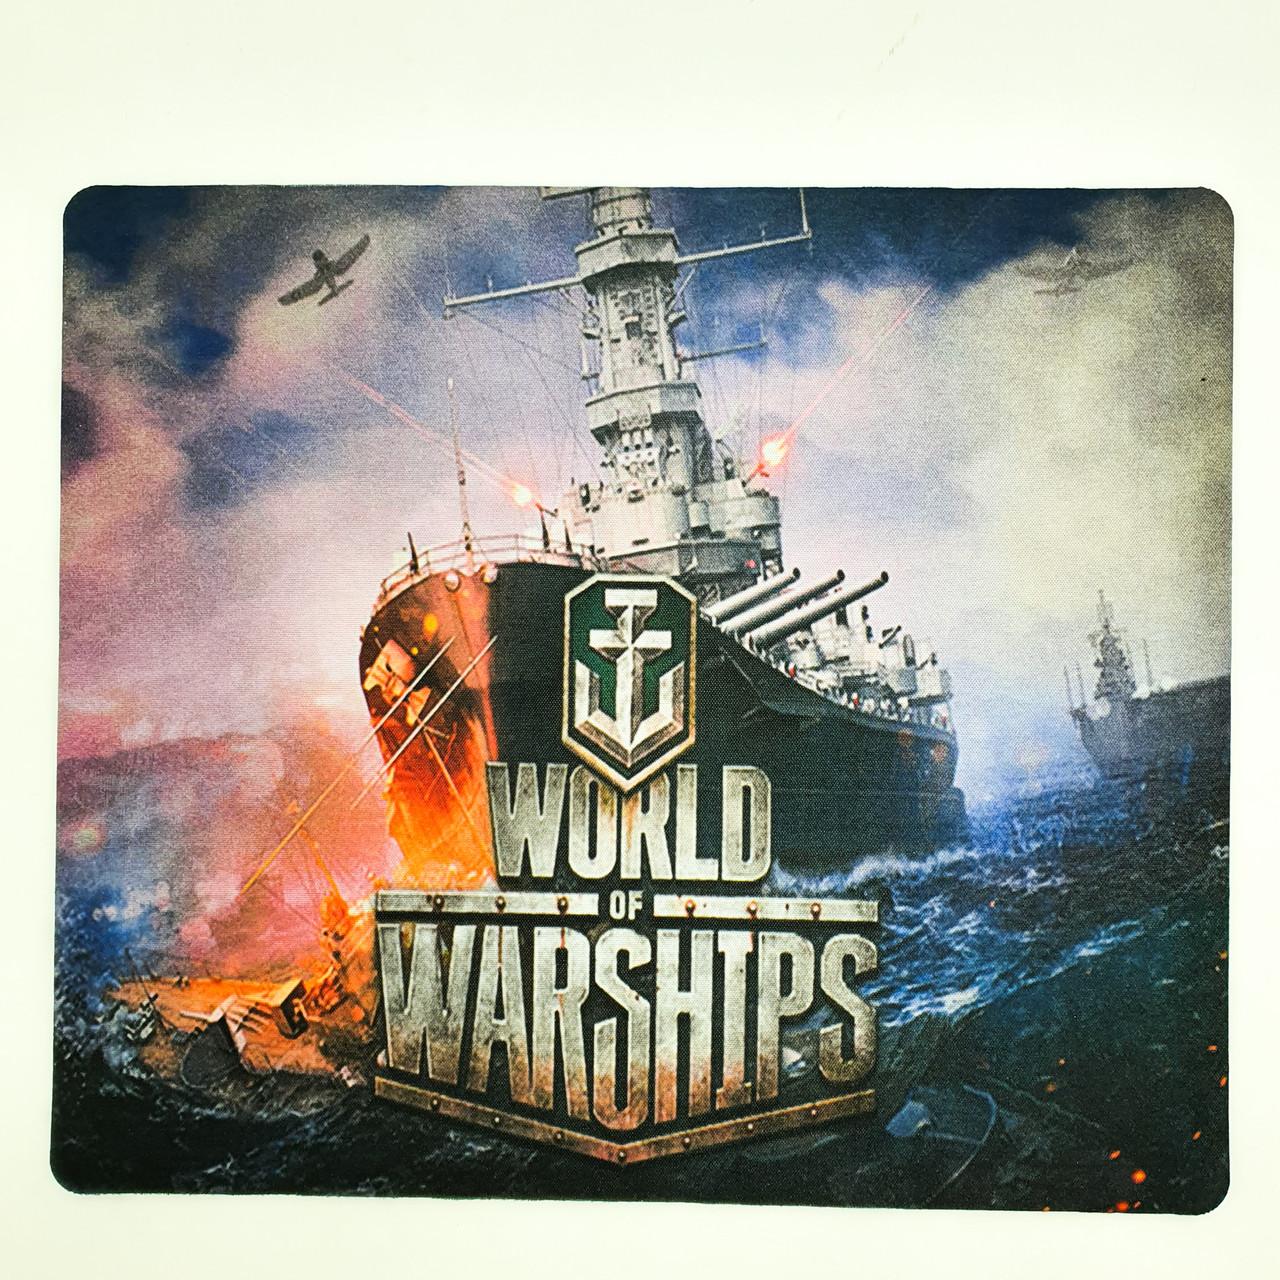 Ігрова поверхня килимок для миші 24x32x0.3 см World of ships 2